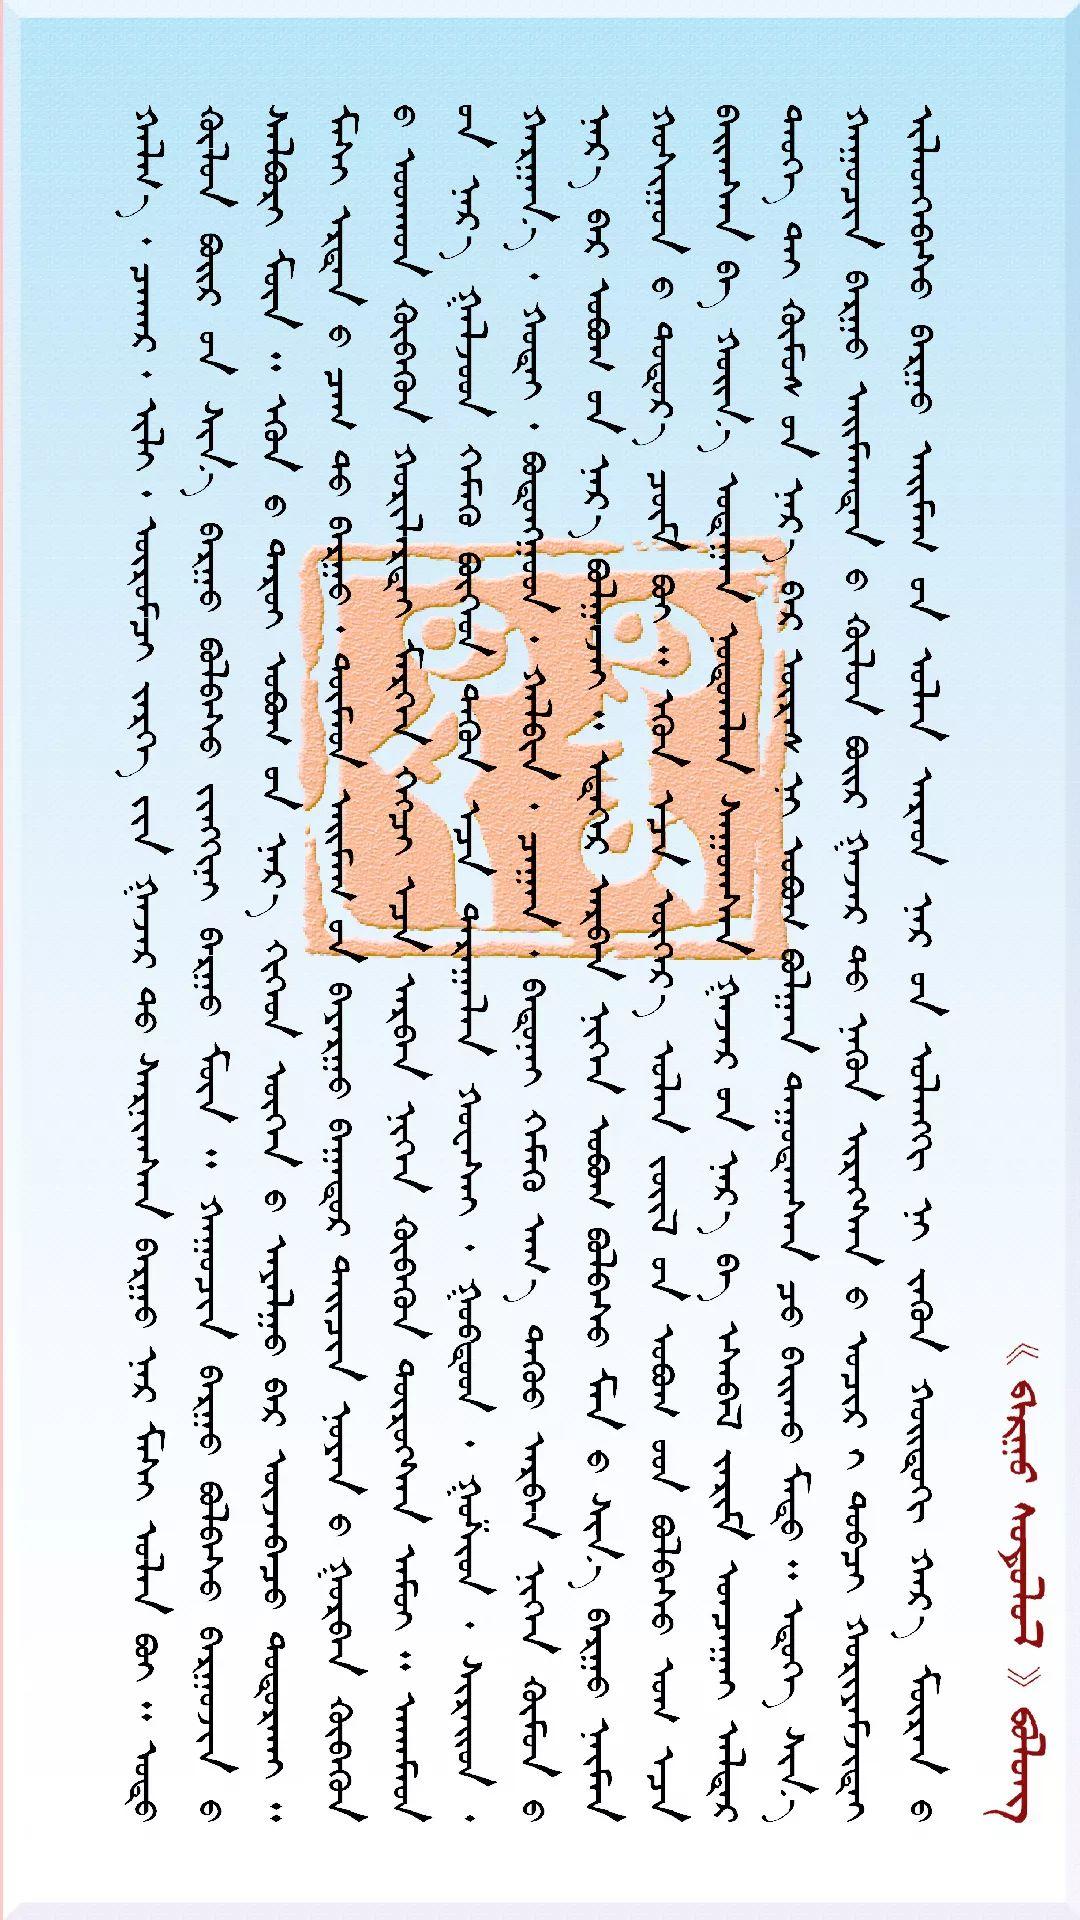 巴尔虎研究【第四期】 第5张 巴尔虎研究【第四期】 蒙古文化